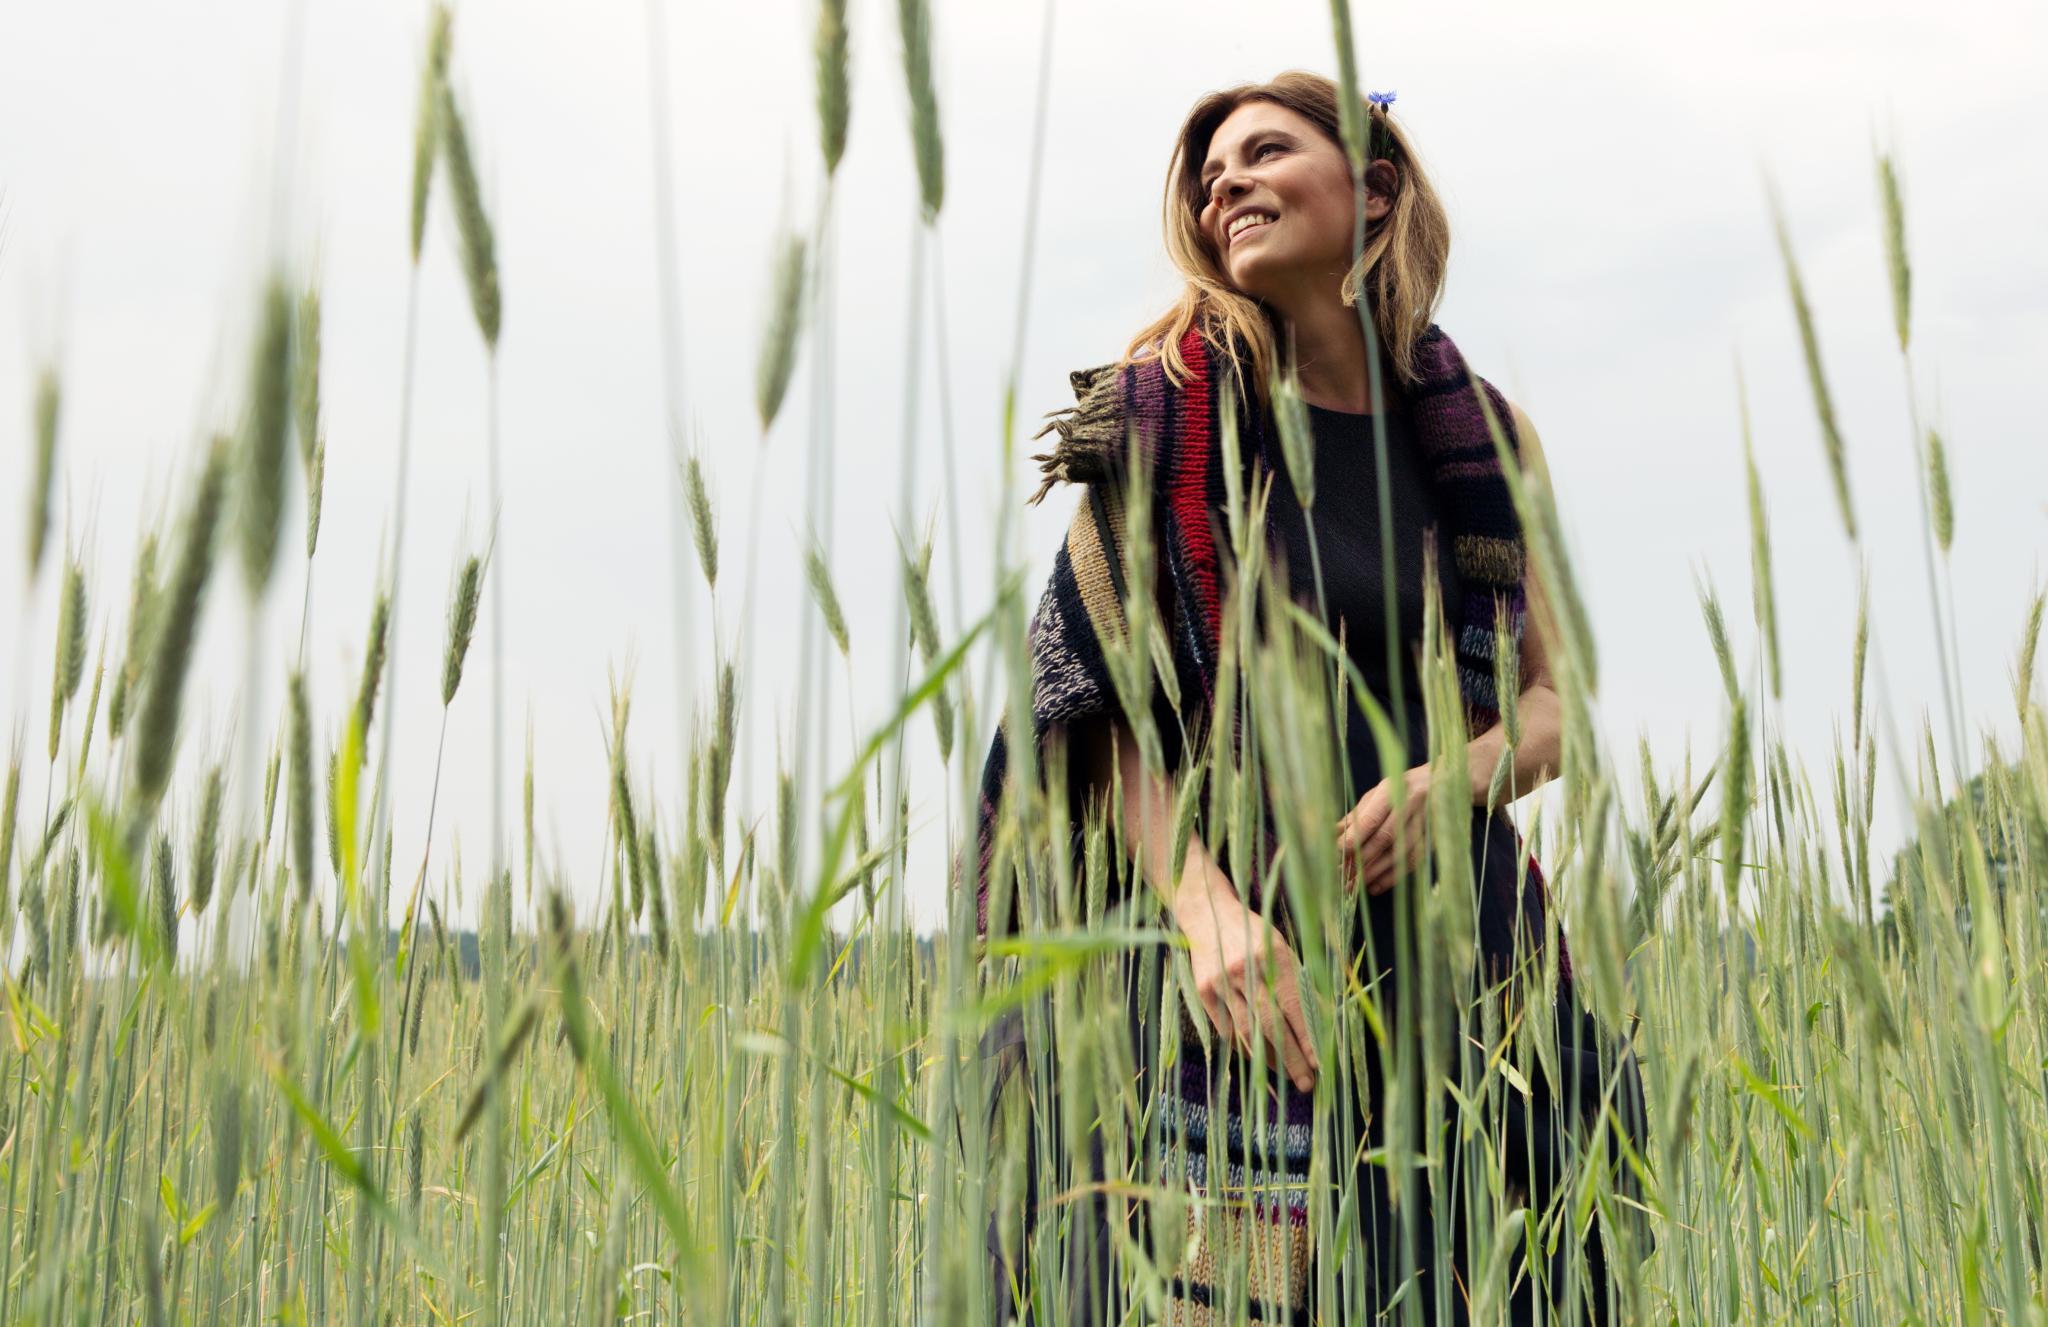 """Von Romantik normalerweise keine Spur: Der Boden, auf dem Roggen, Weizen oder Kleegras angebaut wird, ist """"hart, sandig und extrem trocken"""", so Wiener"""